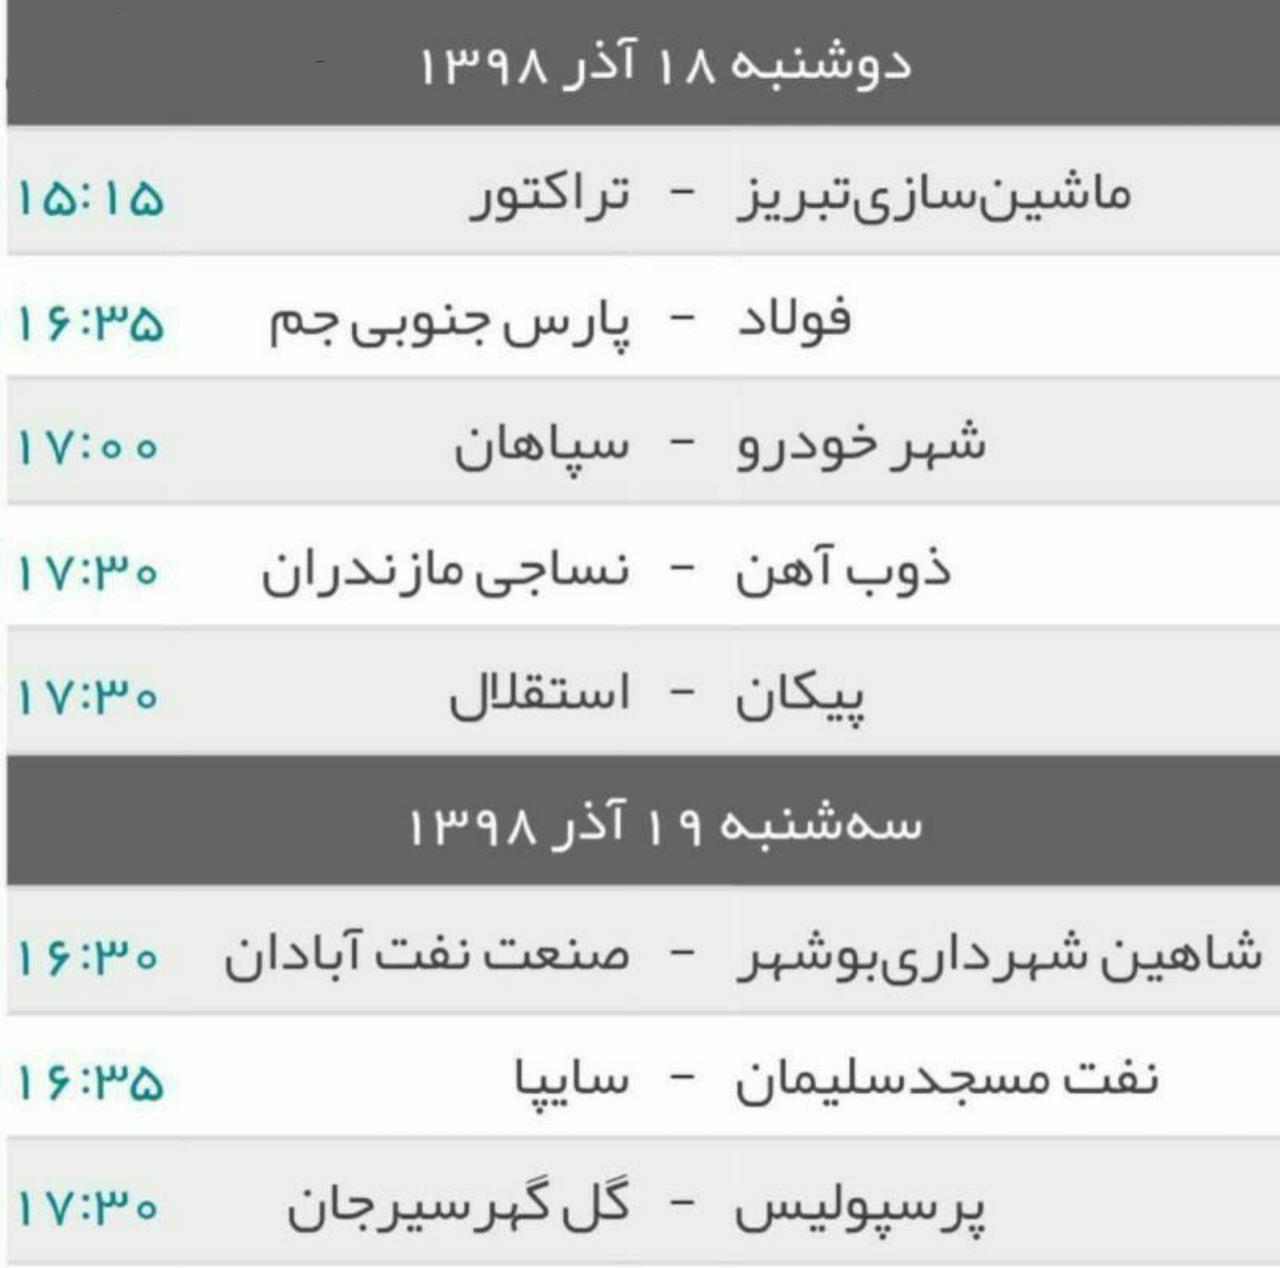 برنامه بازی های هفته چهاردهم لیگ برتر فوتبال